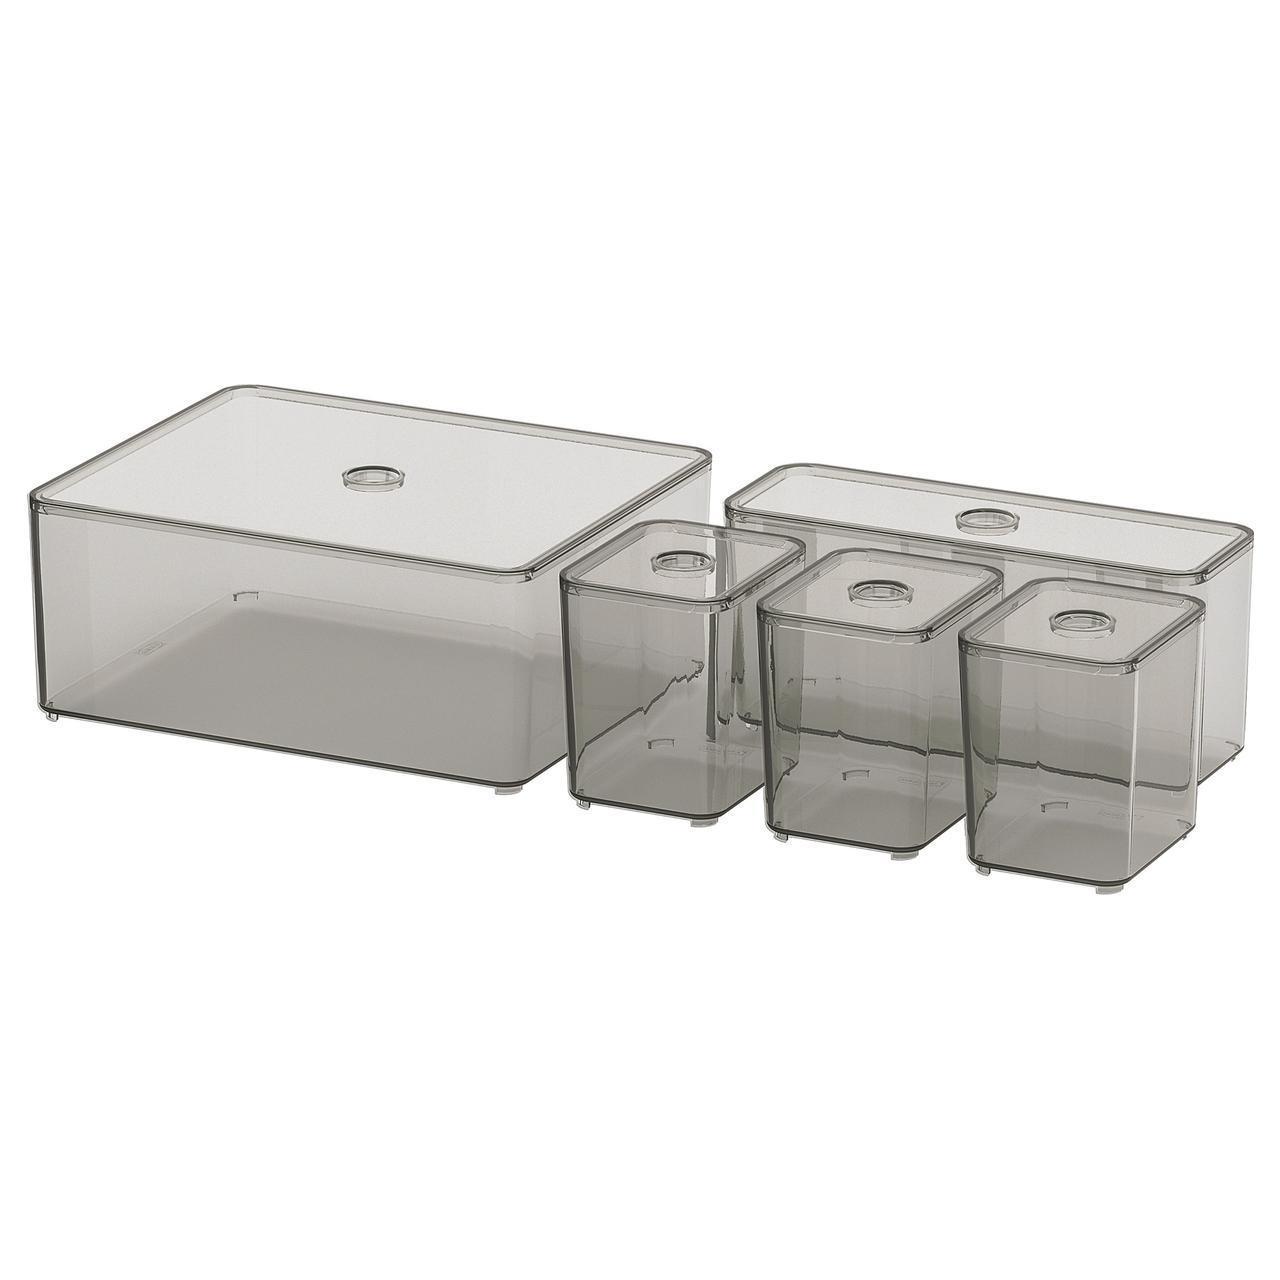 Контейнеры с крышкой IKEA GODMORGON 24x20x10 см 5 шт 504.002.70